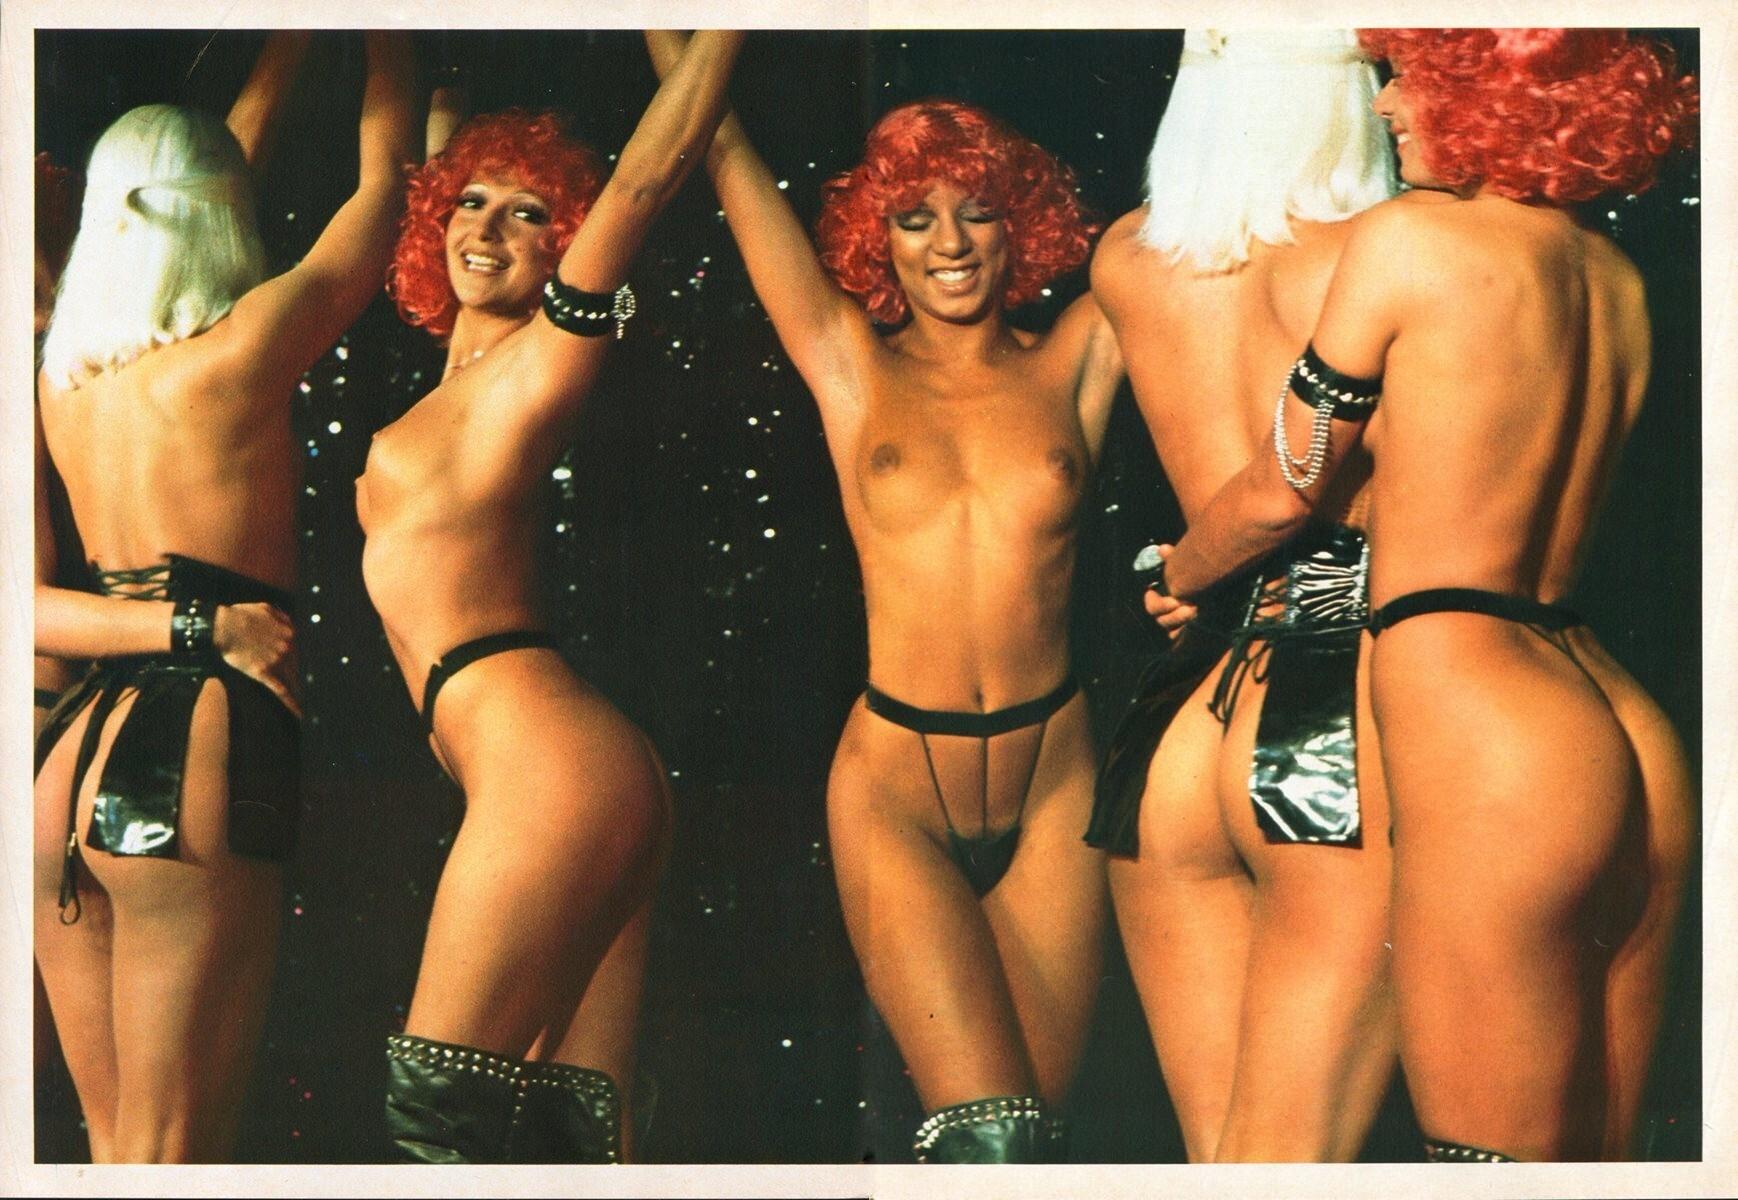 Playmen_1975_02_p_068-69_Crazy_Horse.jpg